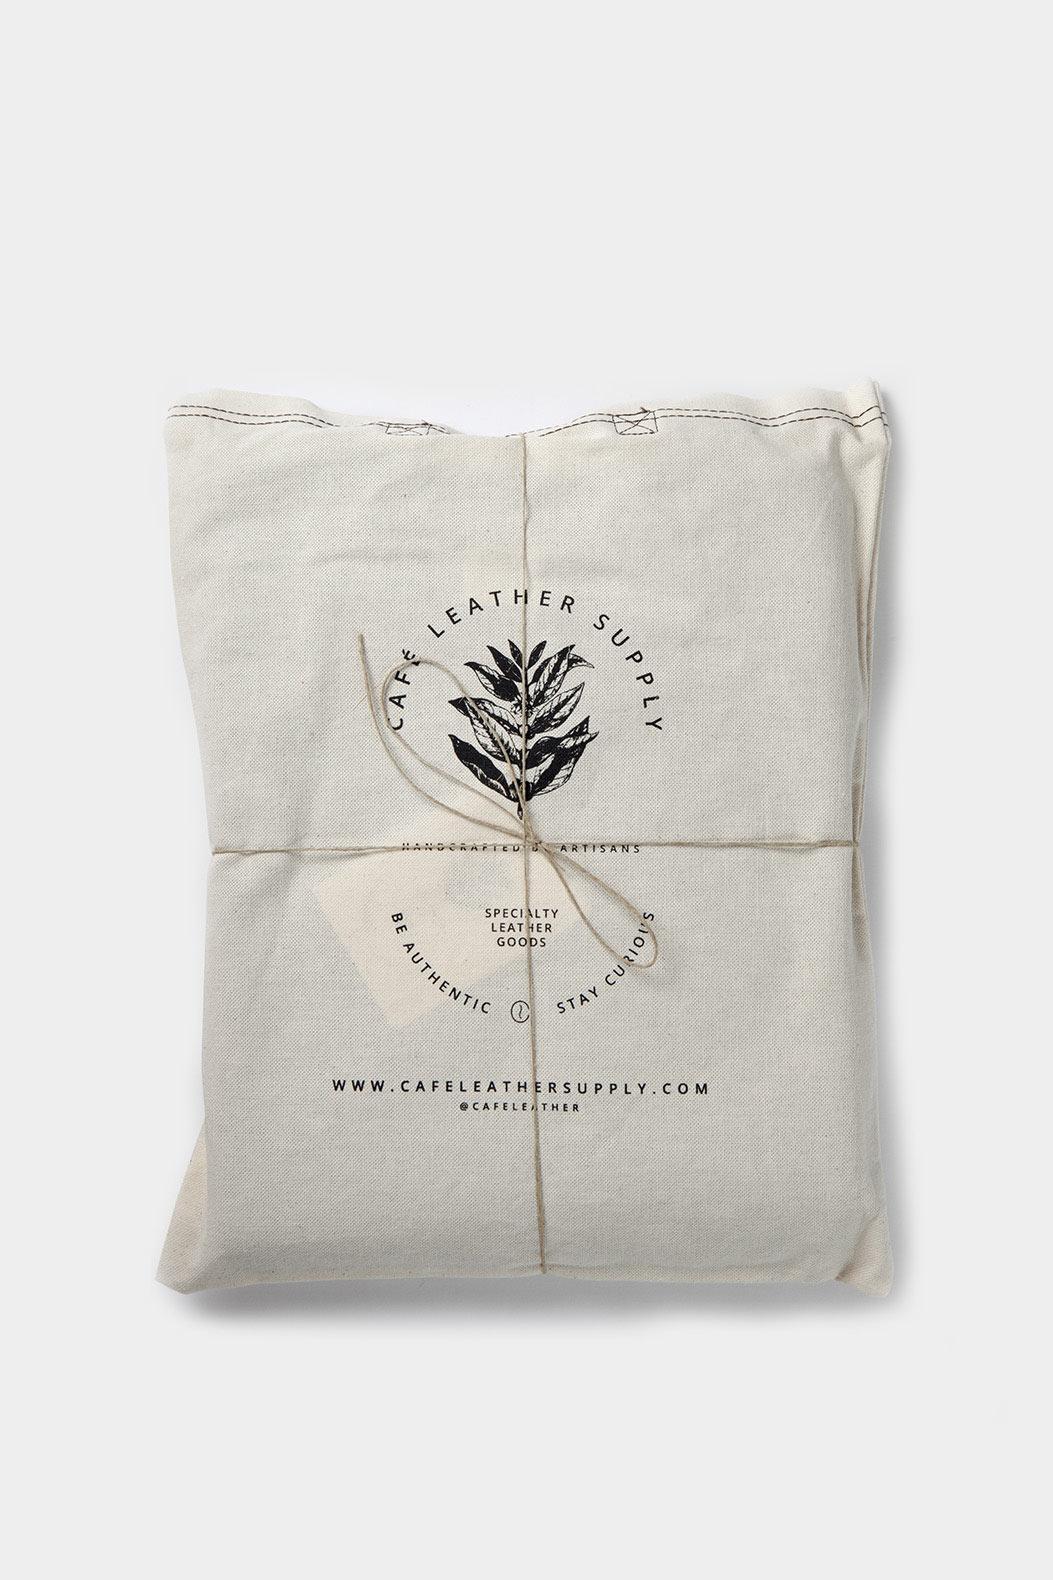 t-shirt-packaging